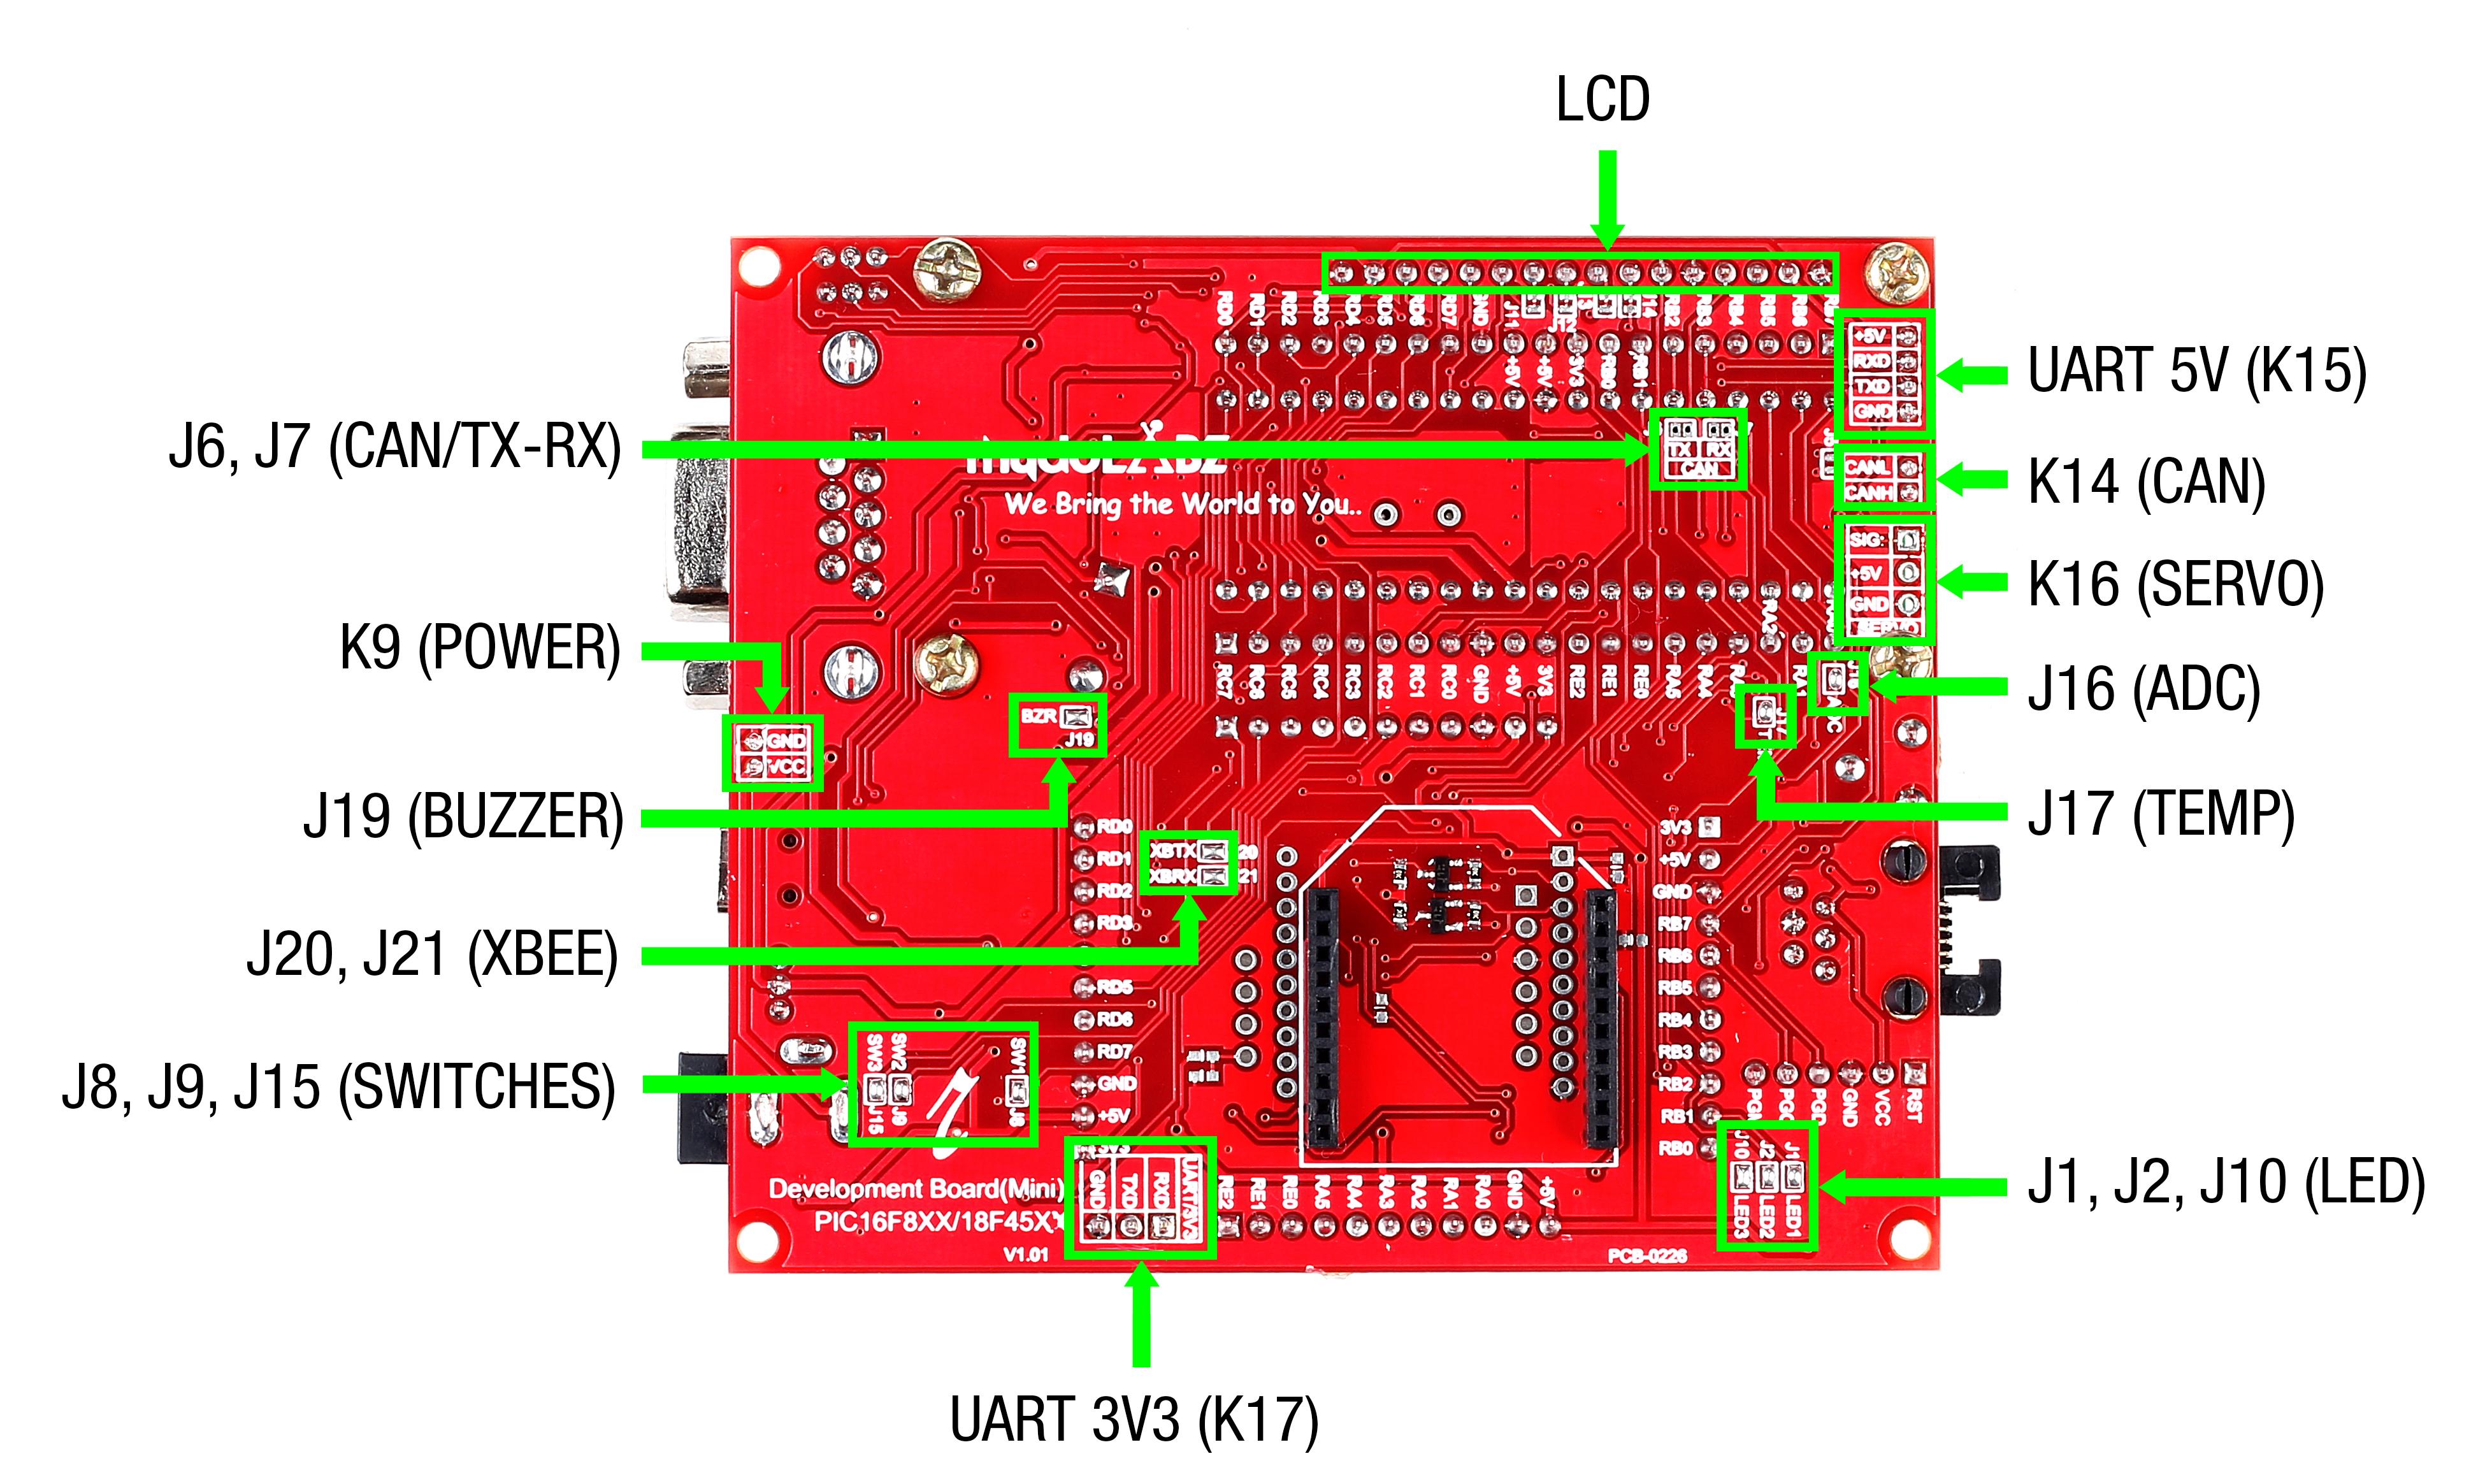 PIC16F877A Mini Development Board – Overview